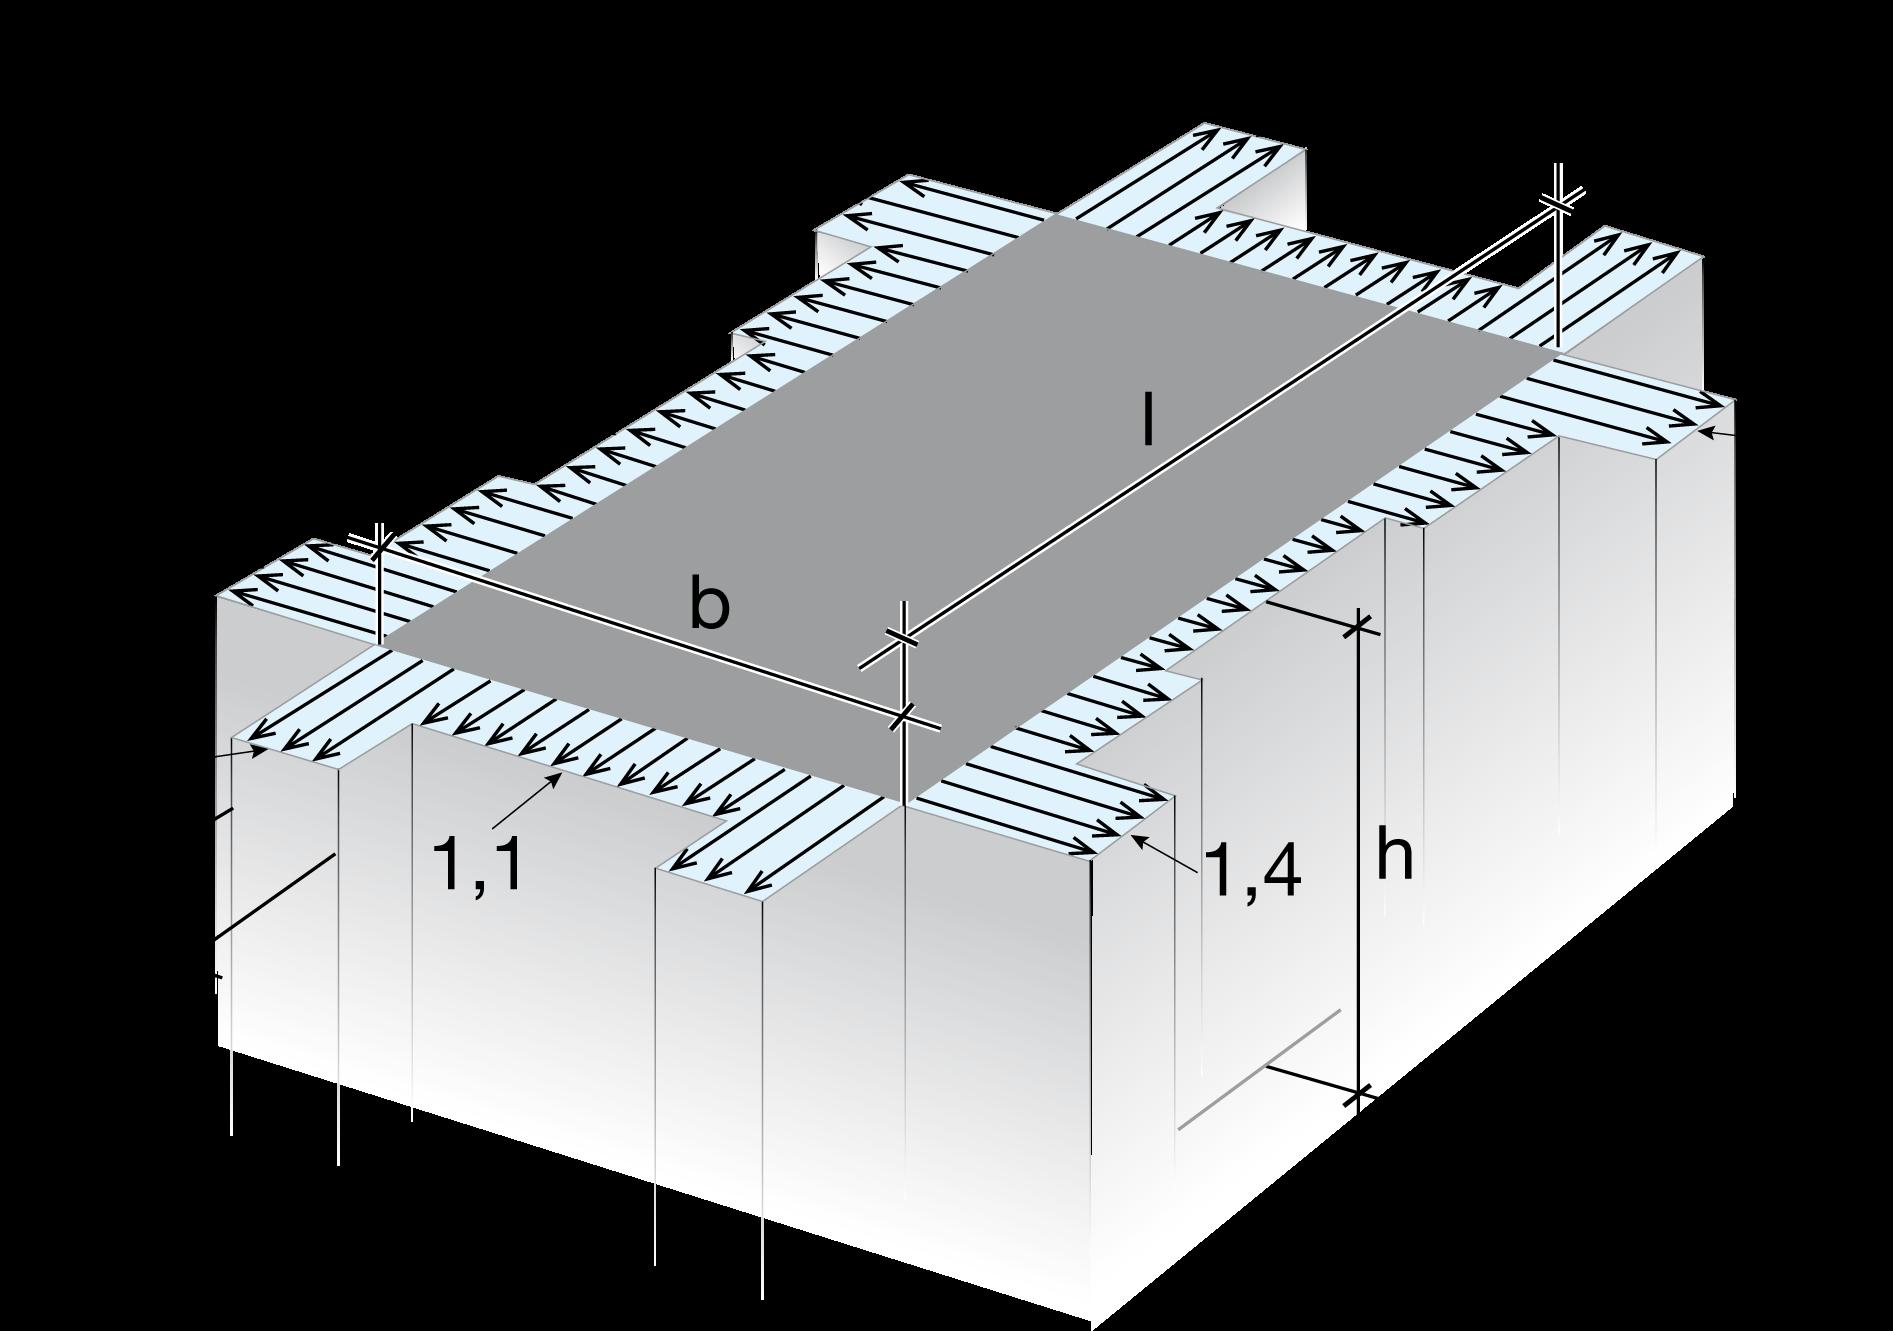 Figur 7:33. Exempel på formfaktorer för utvändig vindlast (Cpe) på väggar. Höjden på byggnaden förutsätts vara mindre än bredden.